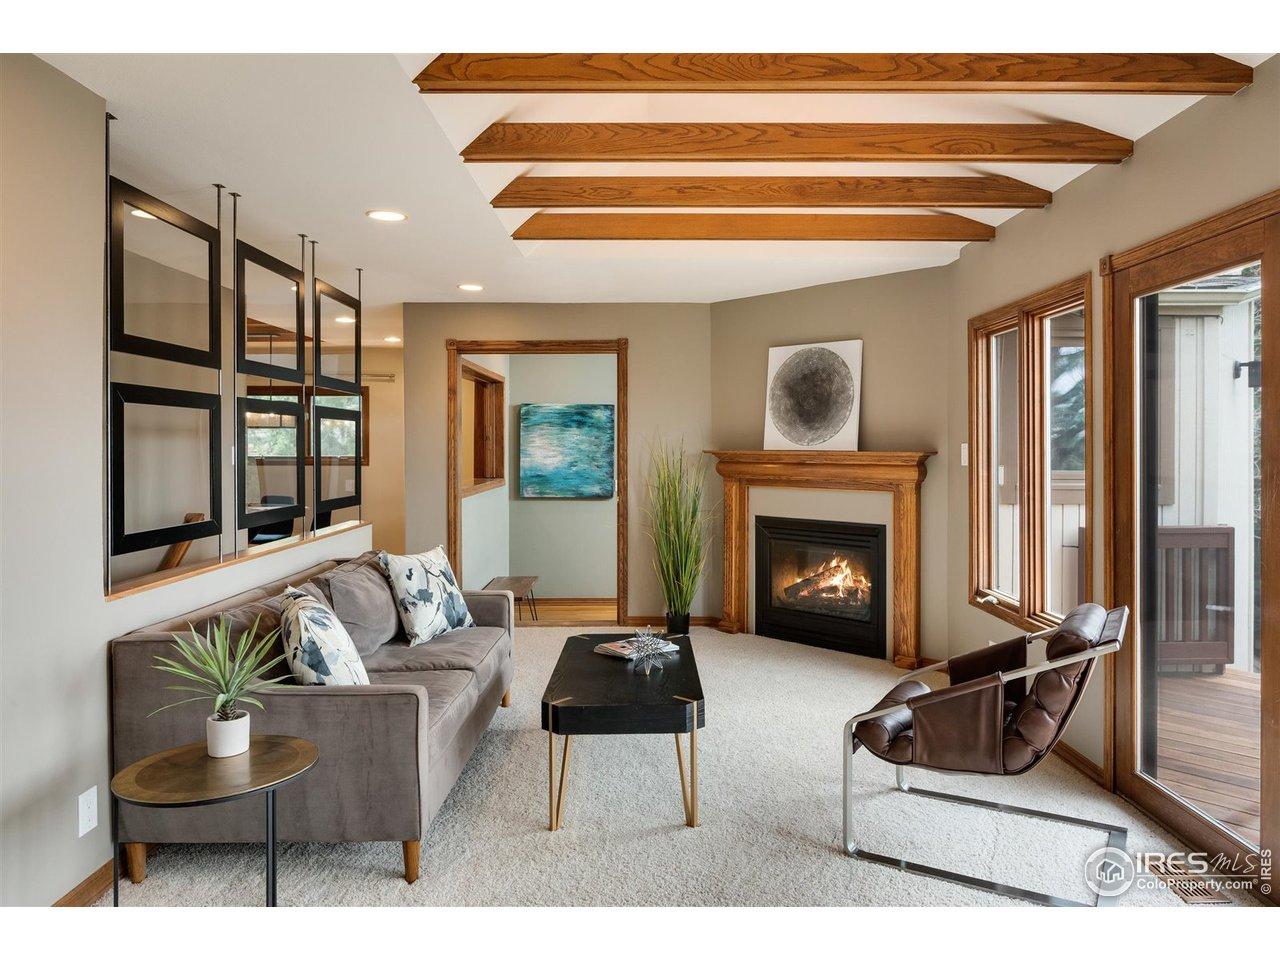 Wood-beamed ceilings